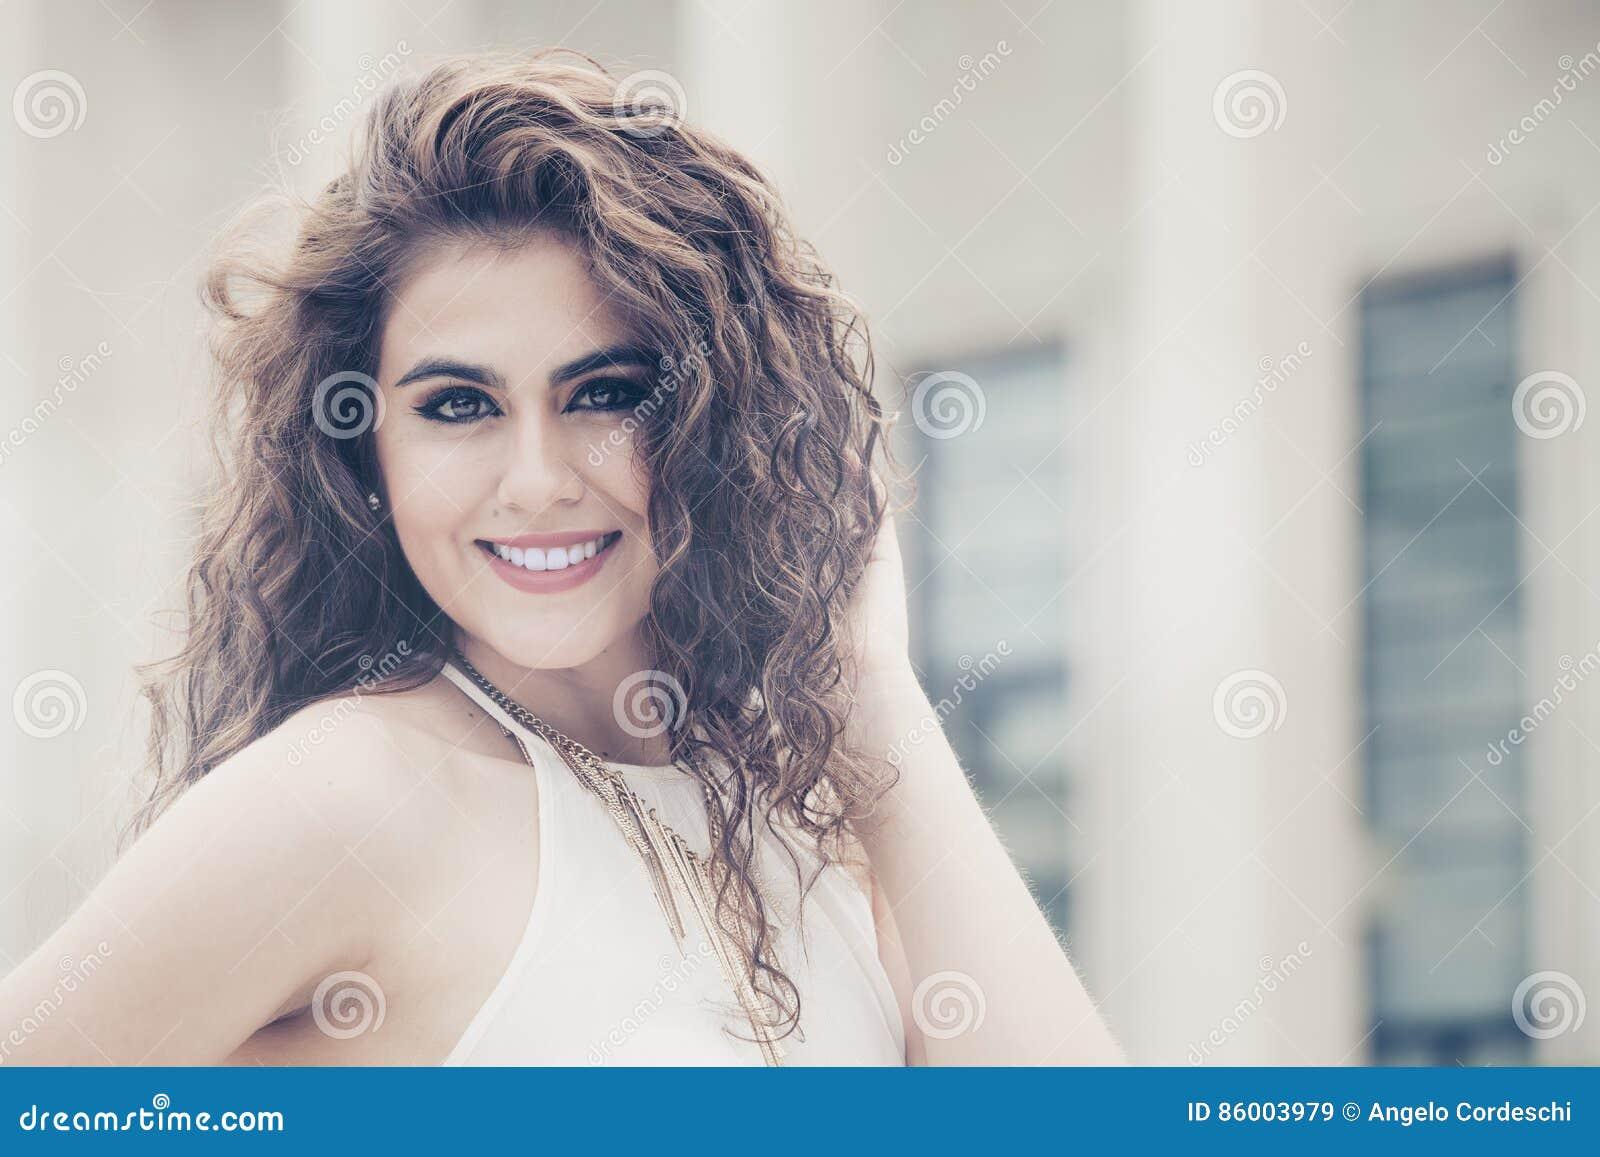 Bellezza Femminile Giovane Donna Sorridente Dei Capelli ...